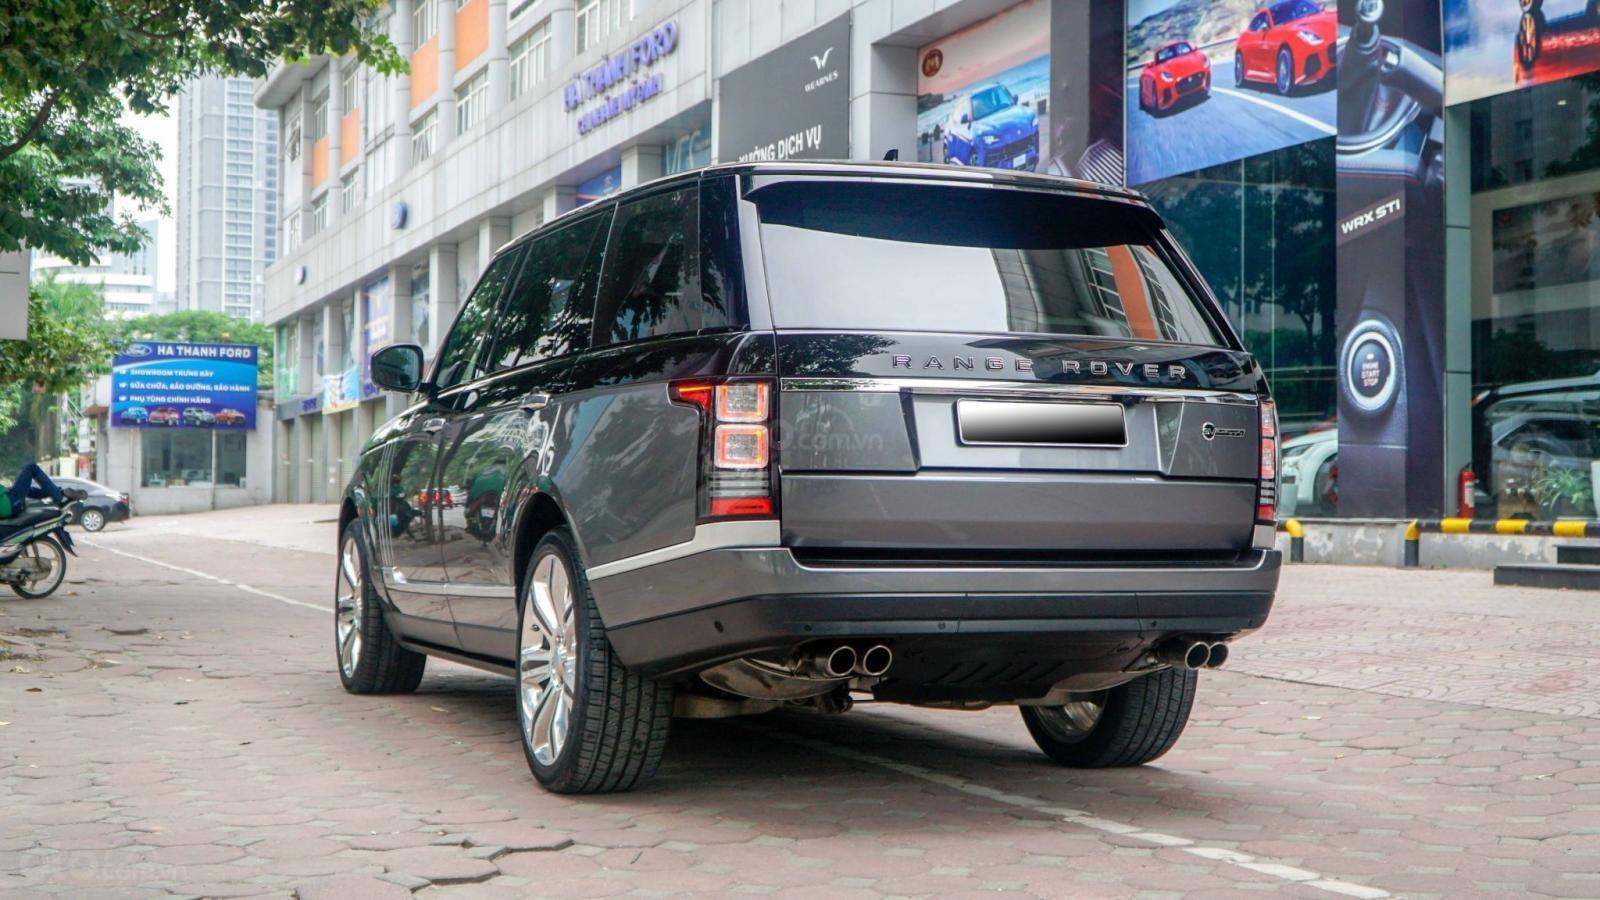 Bán LandRover Range Rover SV Autobiography 5.0 đời 2016, hai màu xám đen, lướt 1v7 km (14)